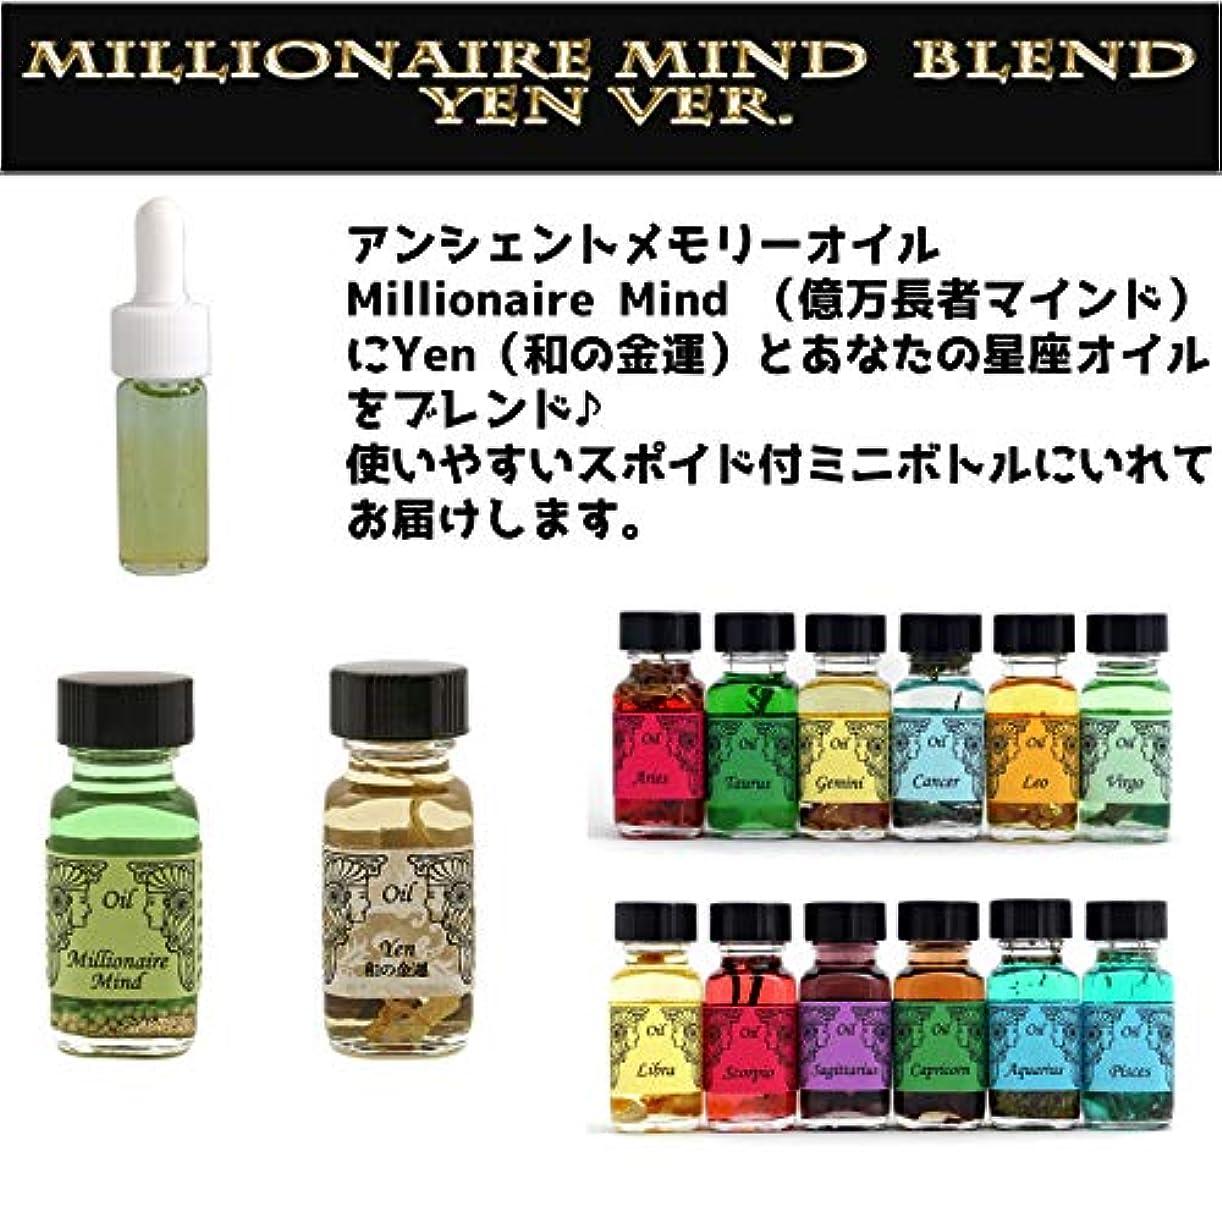 失望促すグラマーアンシェントメモリーオイル Millionaire Mind 億万長者マインド ブレンド【Yen 和の金運&おひつじ座】